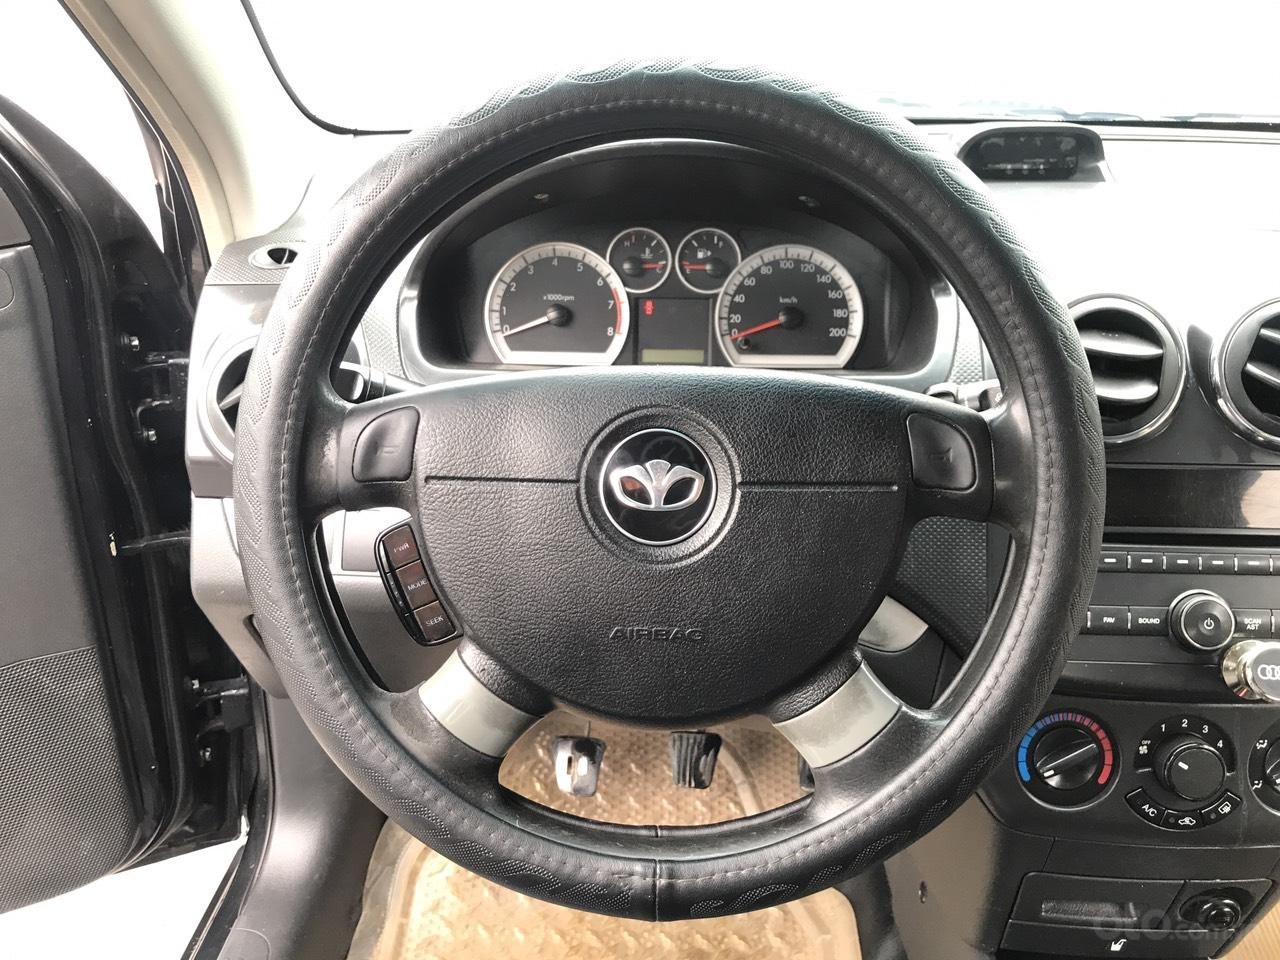 Bán xe Daewoo Gentra SX 1.2MT đời 2010, màu đen. 1 chủ công an huyện, xe nhập  (6)